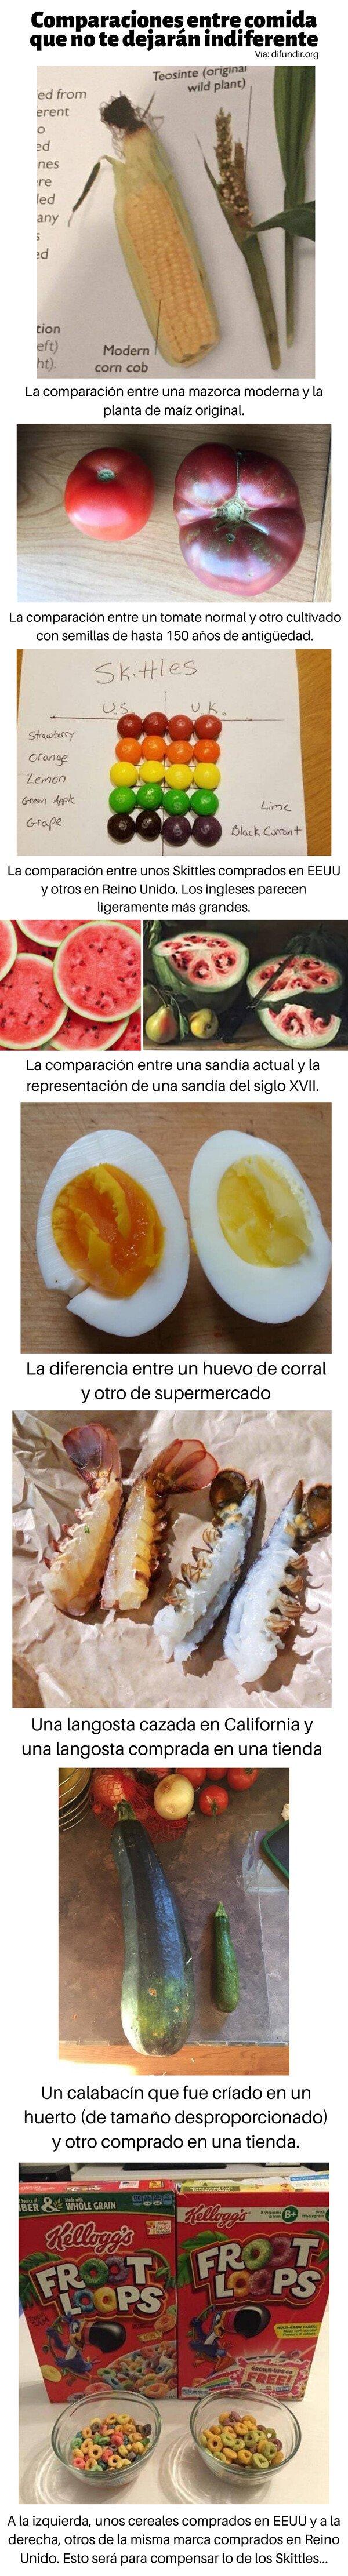 Meme_otros - Comparaciones entre comida que no te dejarán indiferente